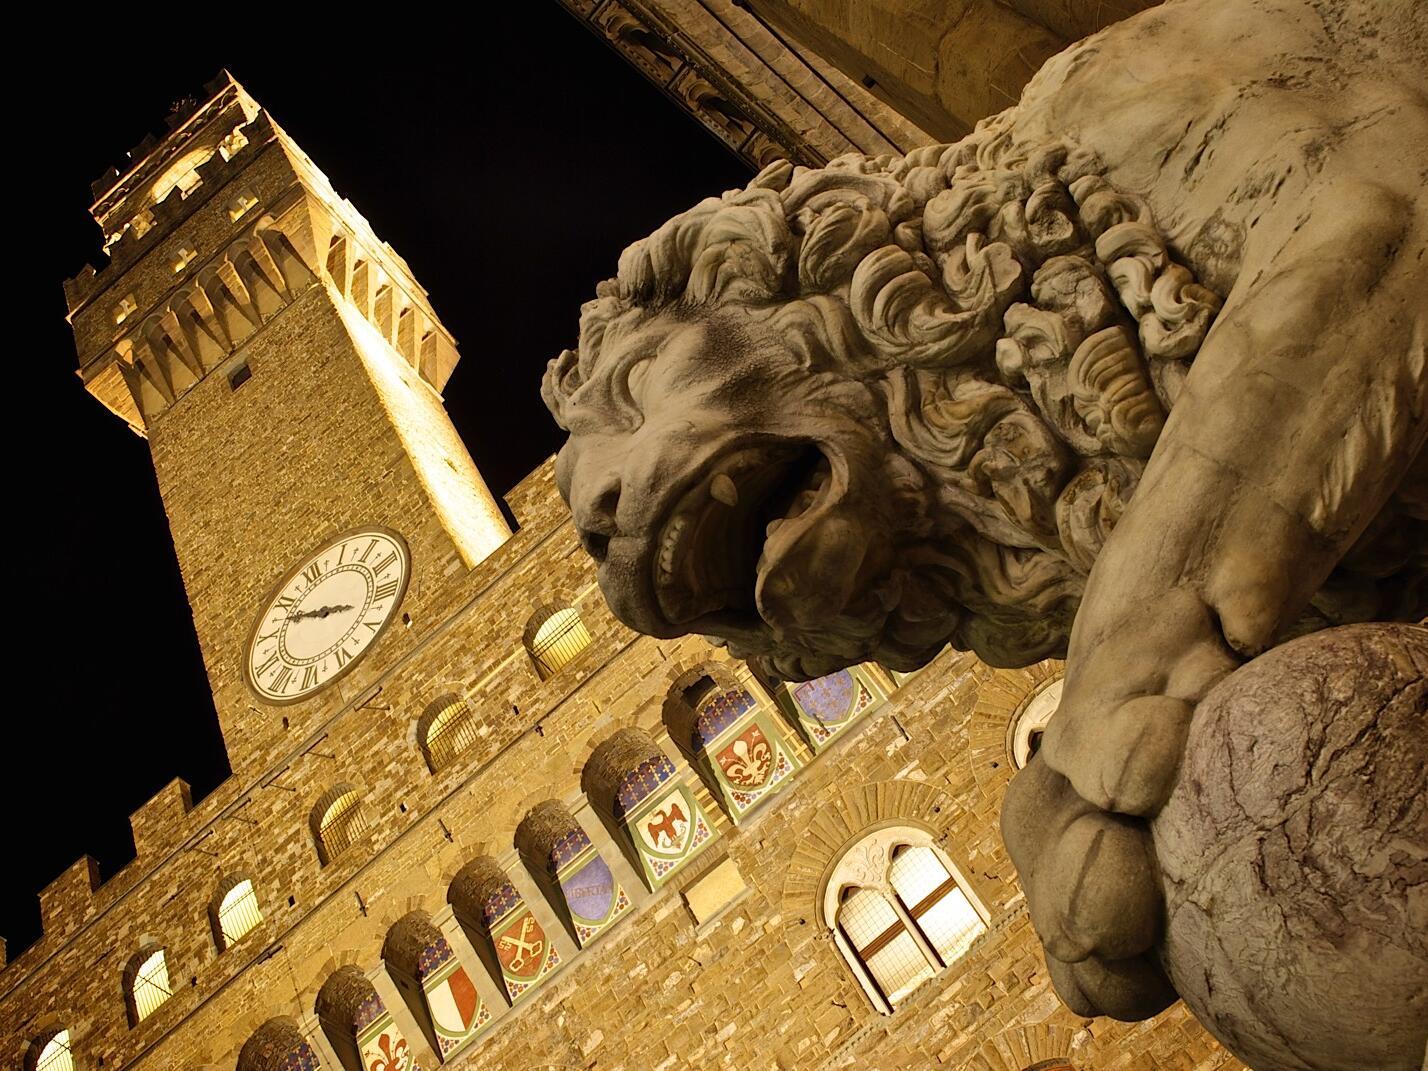 Statue near the building at Grand Hotel Minerva